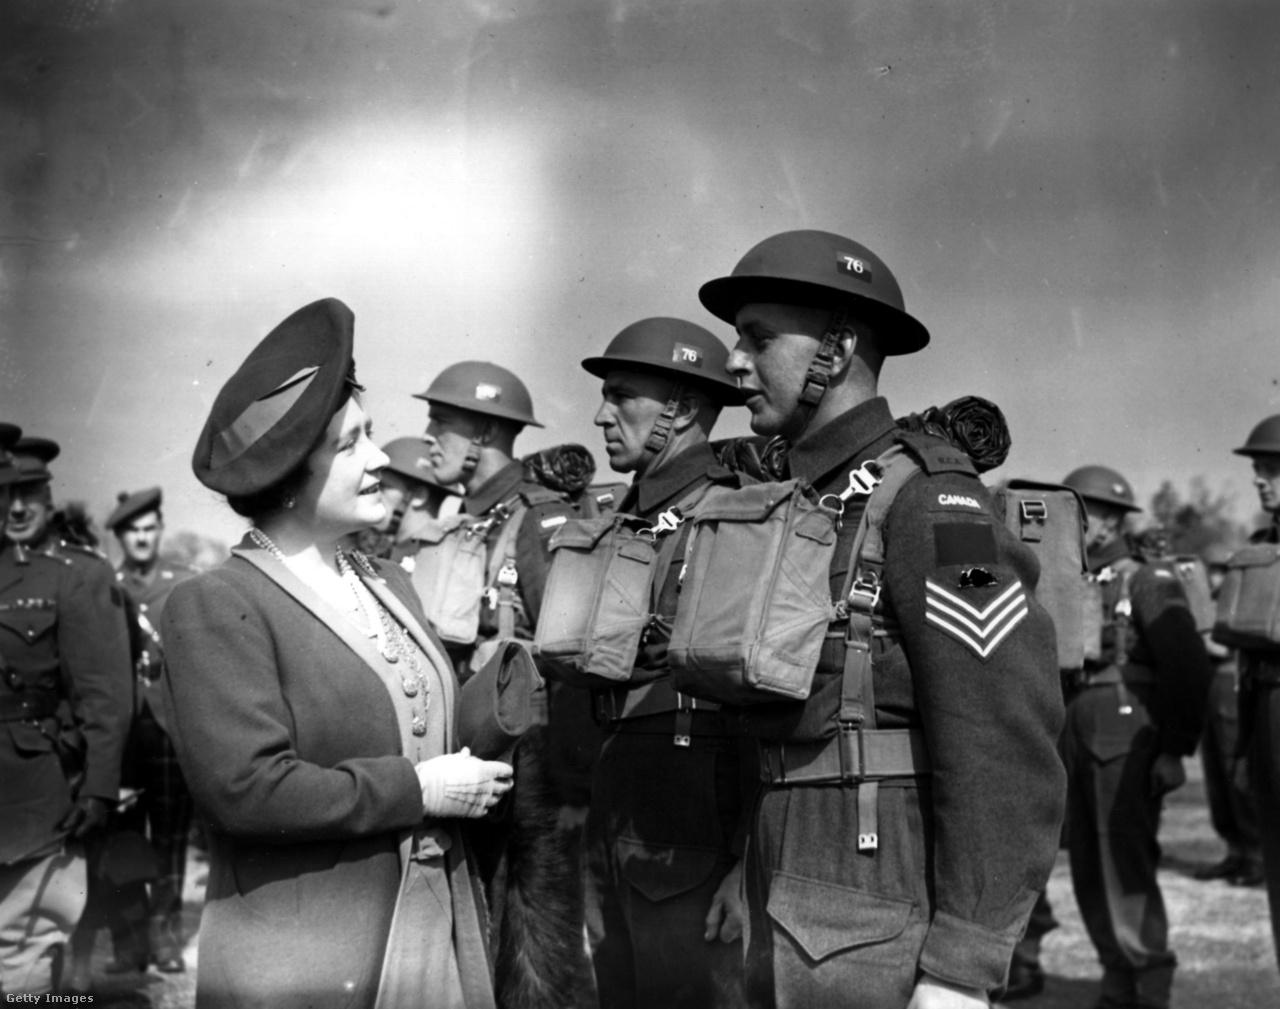 Erzsébet királyné 1942. április 25-én szemlét tart a kanadai hadsereg alakulatai fölött. A királyné a háborús években nemcsak a bombázás sújtotta negyedeket és városokat látogatta végig, hanem a csapatokat, a kórházakat és a gyárakat is. Korábban egyetlen királyné sem örvendett hasonló közszeretetnek, mivel a viselkedése szokatlanul közvetlen és barátságos volt. 1939 szeptemberében a király az ő segítségével tudta legyőzni idegességét és dadogását, és elmondani élete legfontosabb rádióbeszédét, amiben bejelentette a háború kitörését. A király beszéde című Oscar-díjas filmben (2010) a királynét Helena Bonham Carter alakította.